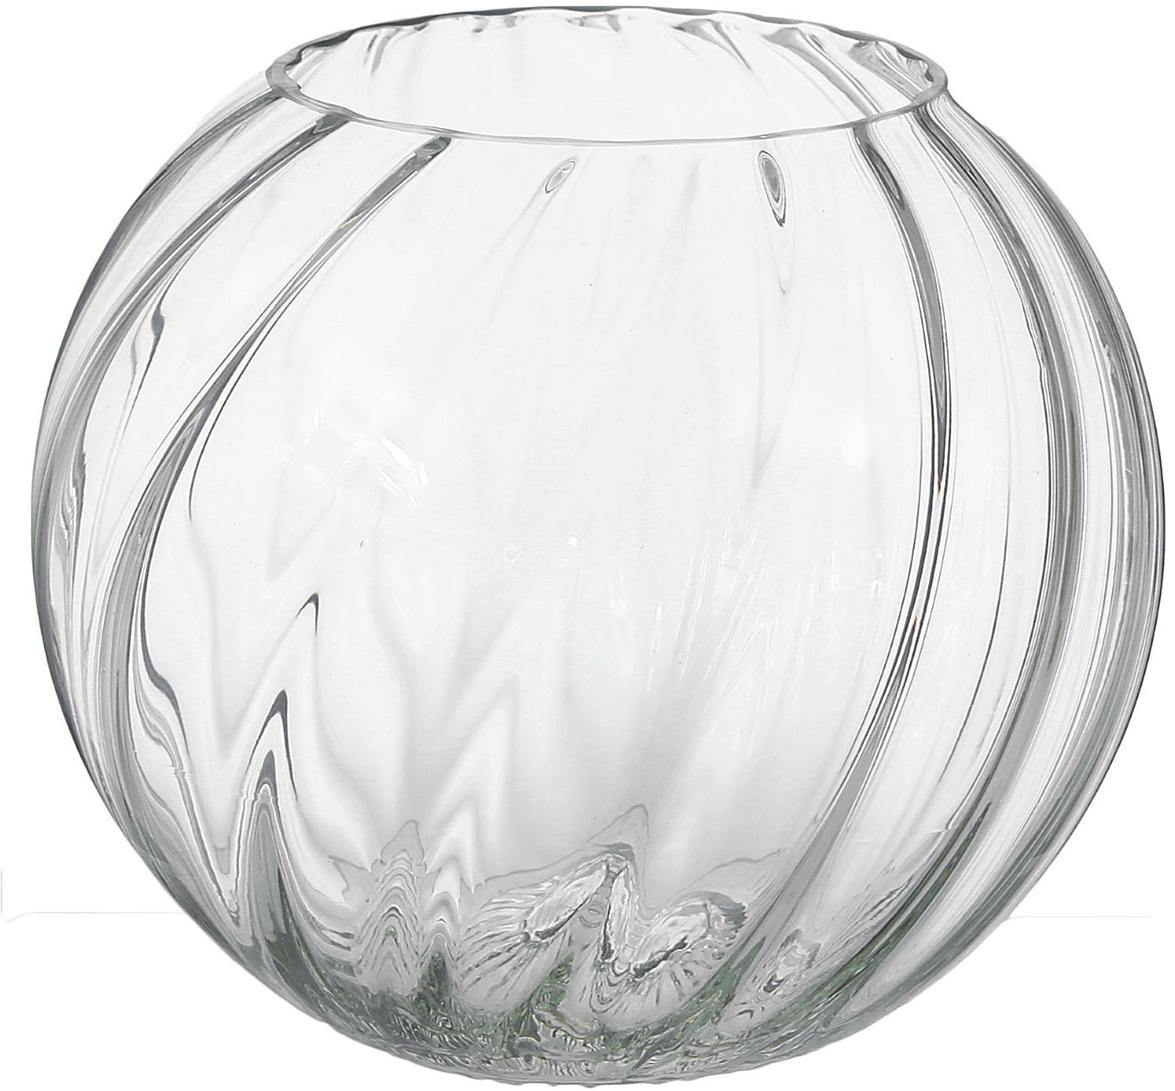 Ваза Шар, 16 см1346372Воплотите в жизнь самые смелые дизайнерские идеи по украшению дома! Ваза из прозрачного стекла - основа для вашего творчества. Насыпьте в неё цветной песок, камушки, ракушки или другой декор. Создавайте восхитительные интерьерные композиции из цветов и зелени. Ваза Шар рифлёная станет незабываемым подарком, если поместить в неё конфеты или другие сладости. Дайте волю фантазии! Каждая ваза выдувается мастером - вы не найдёте двух совершенно одинаковых. А случайный пузырёк воздуха или застывшая стеклянная капелька на горлышке лишь подчёркивают её уникальность.